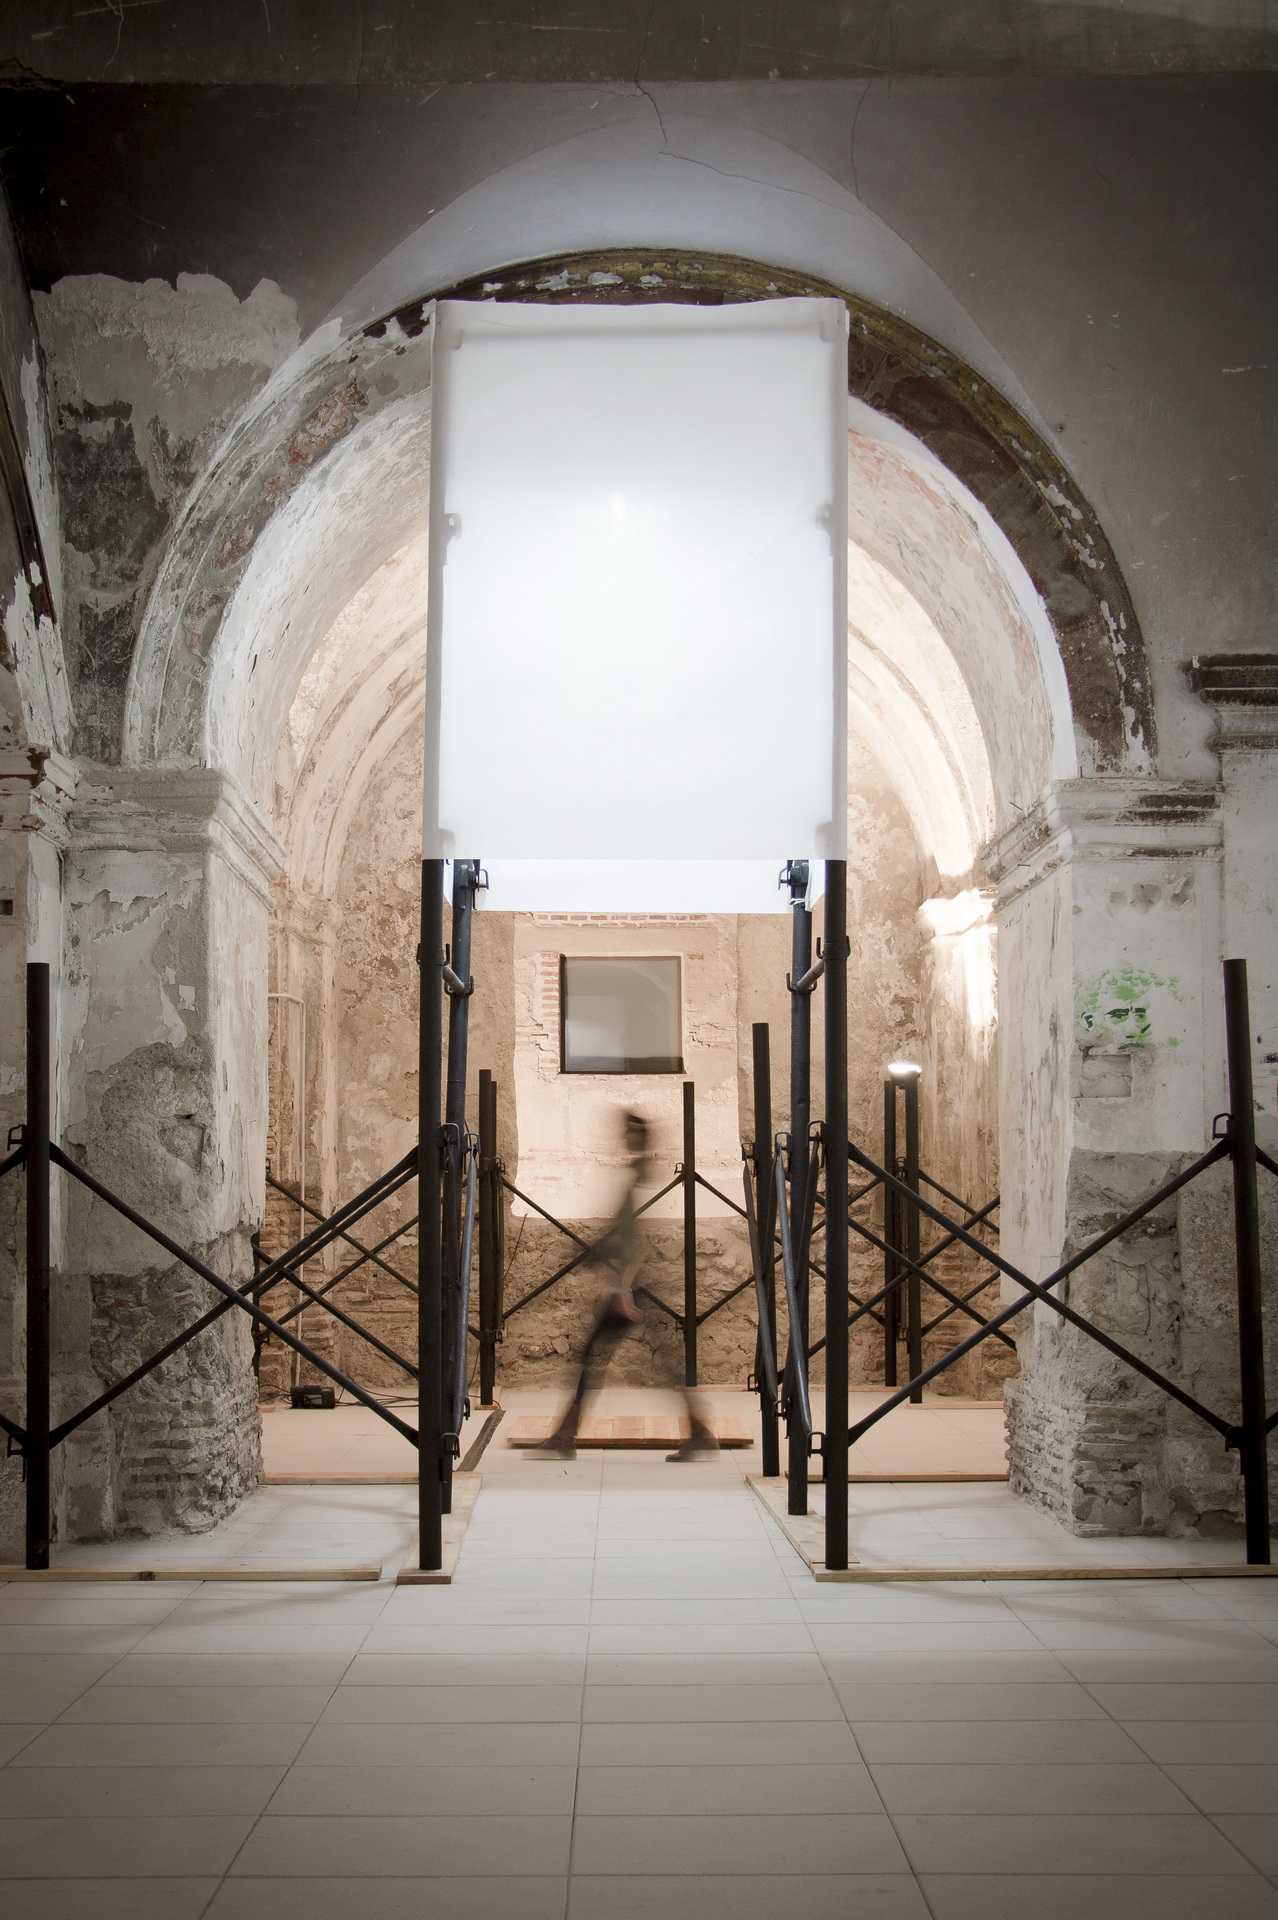 Exposición temporal - Baza (Granada)